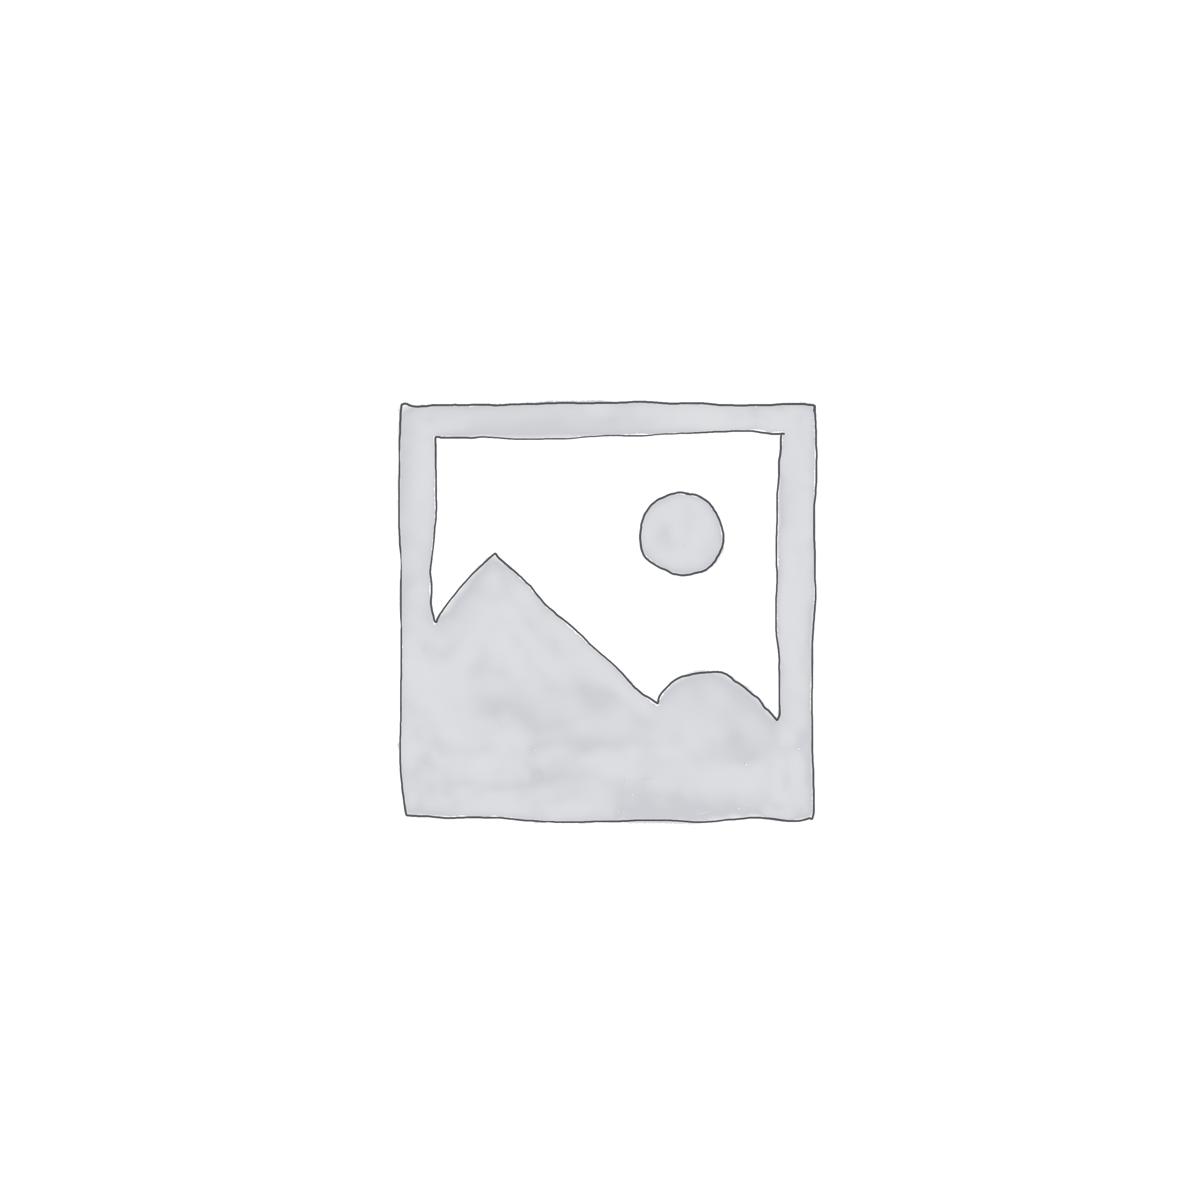 Lotus Leaf Wallpaper Mural